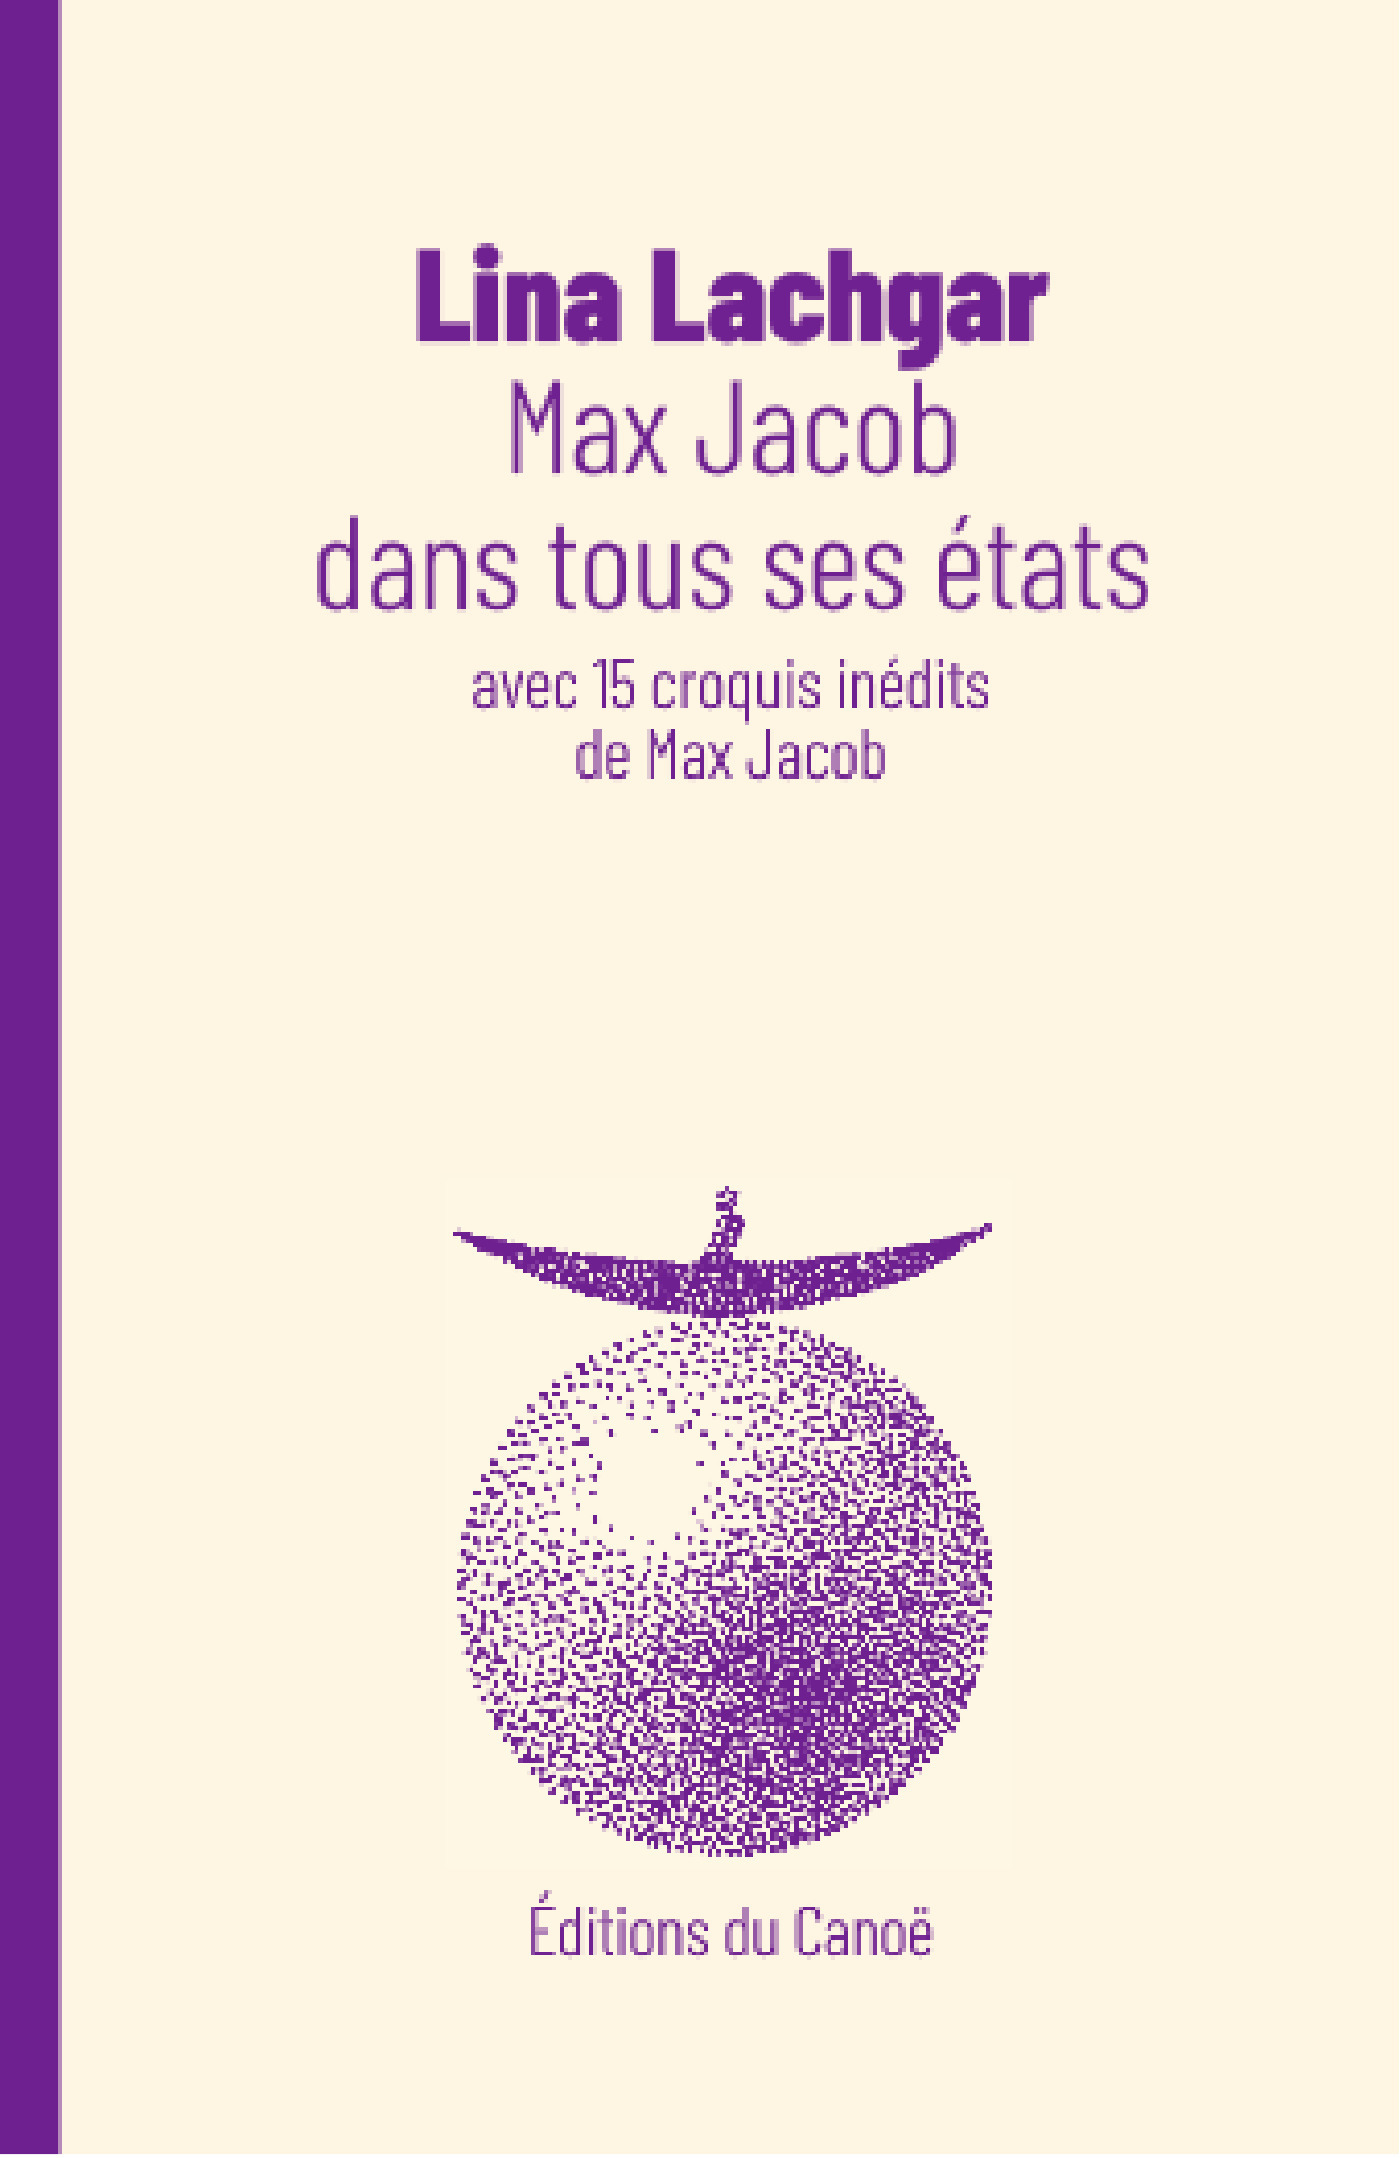 Max Jacob dans tous ses états